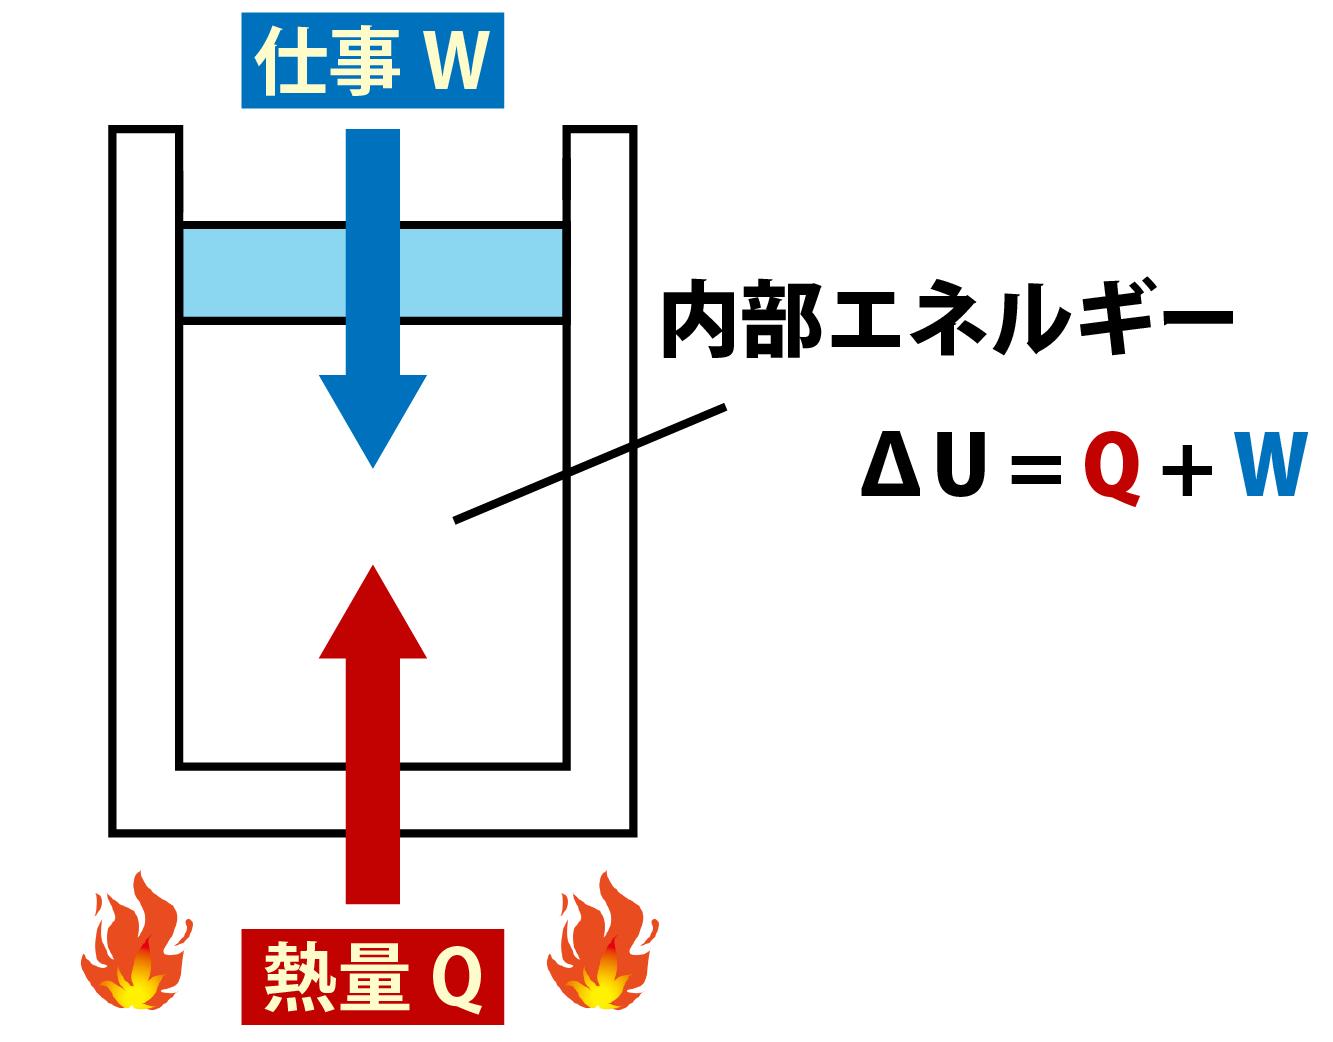 熱力学第一法則解説画像